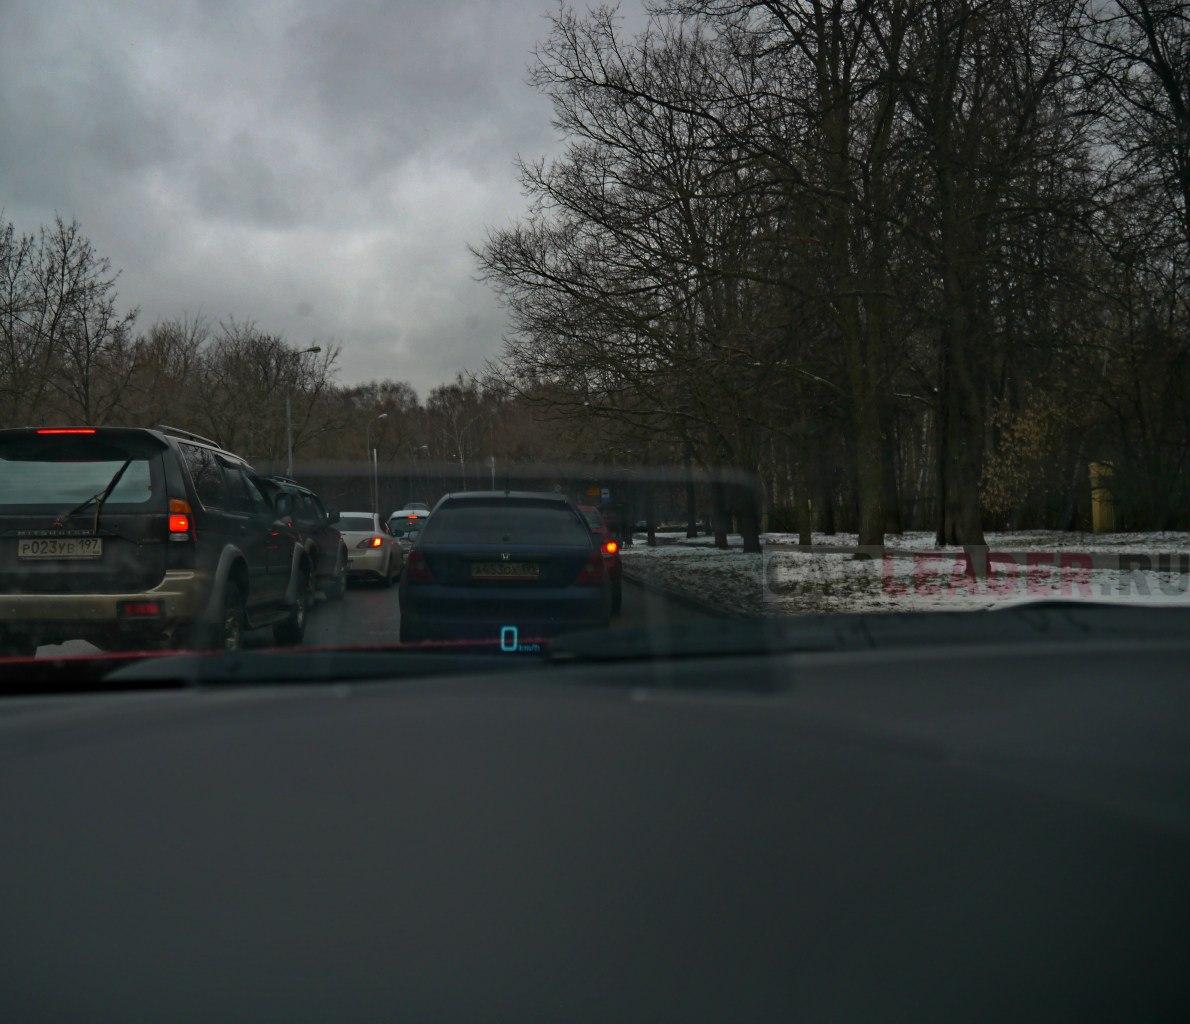 Скорость автомобиля ретранслируется и на это квадратное стеклышко. Правда, чтобы увидеть эти бирюзовые километры, нужно быть ростом не выше 180 см.